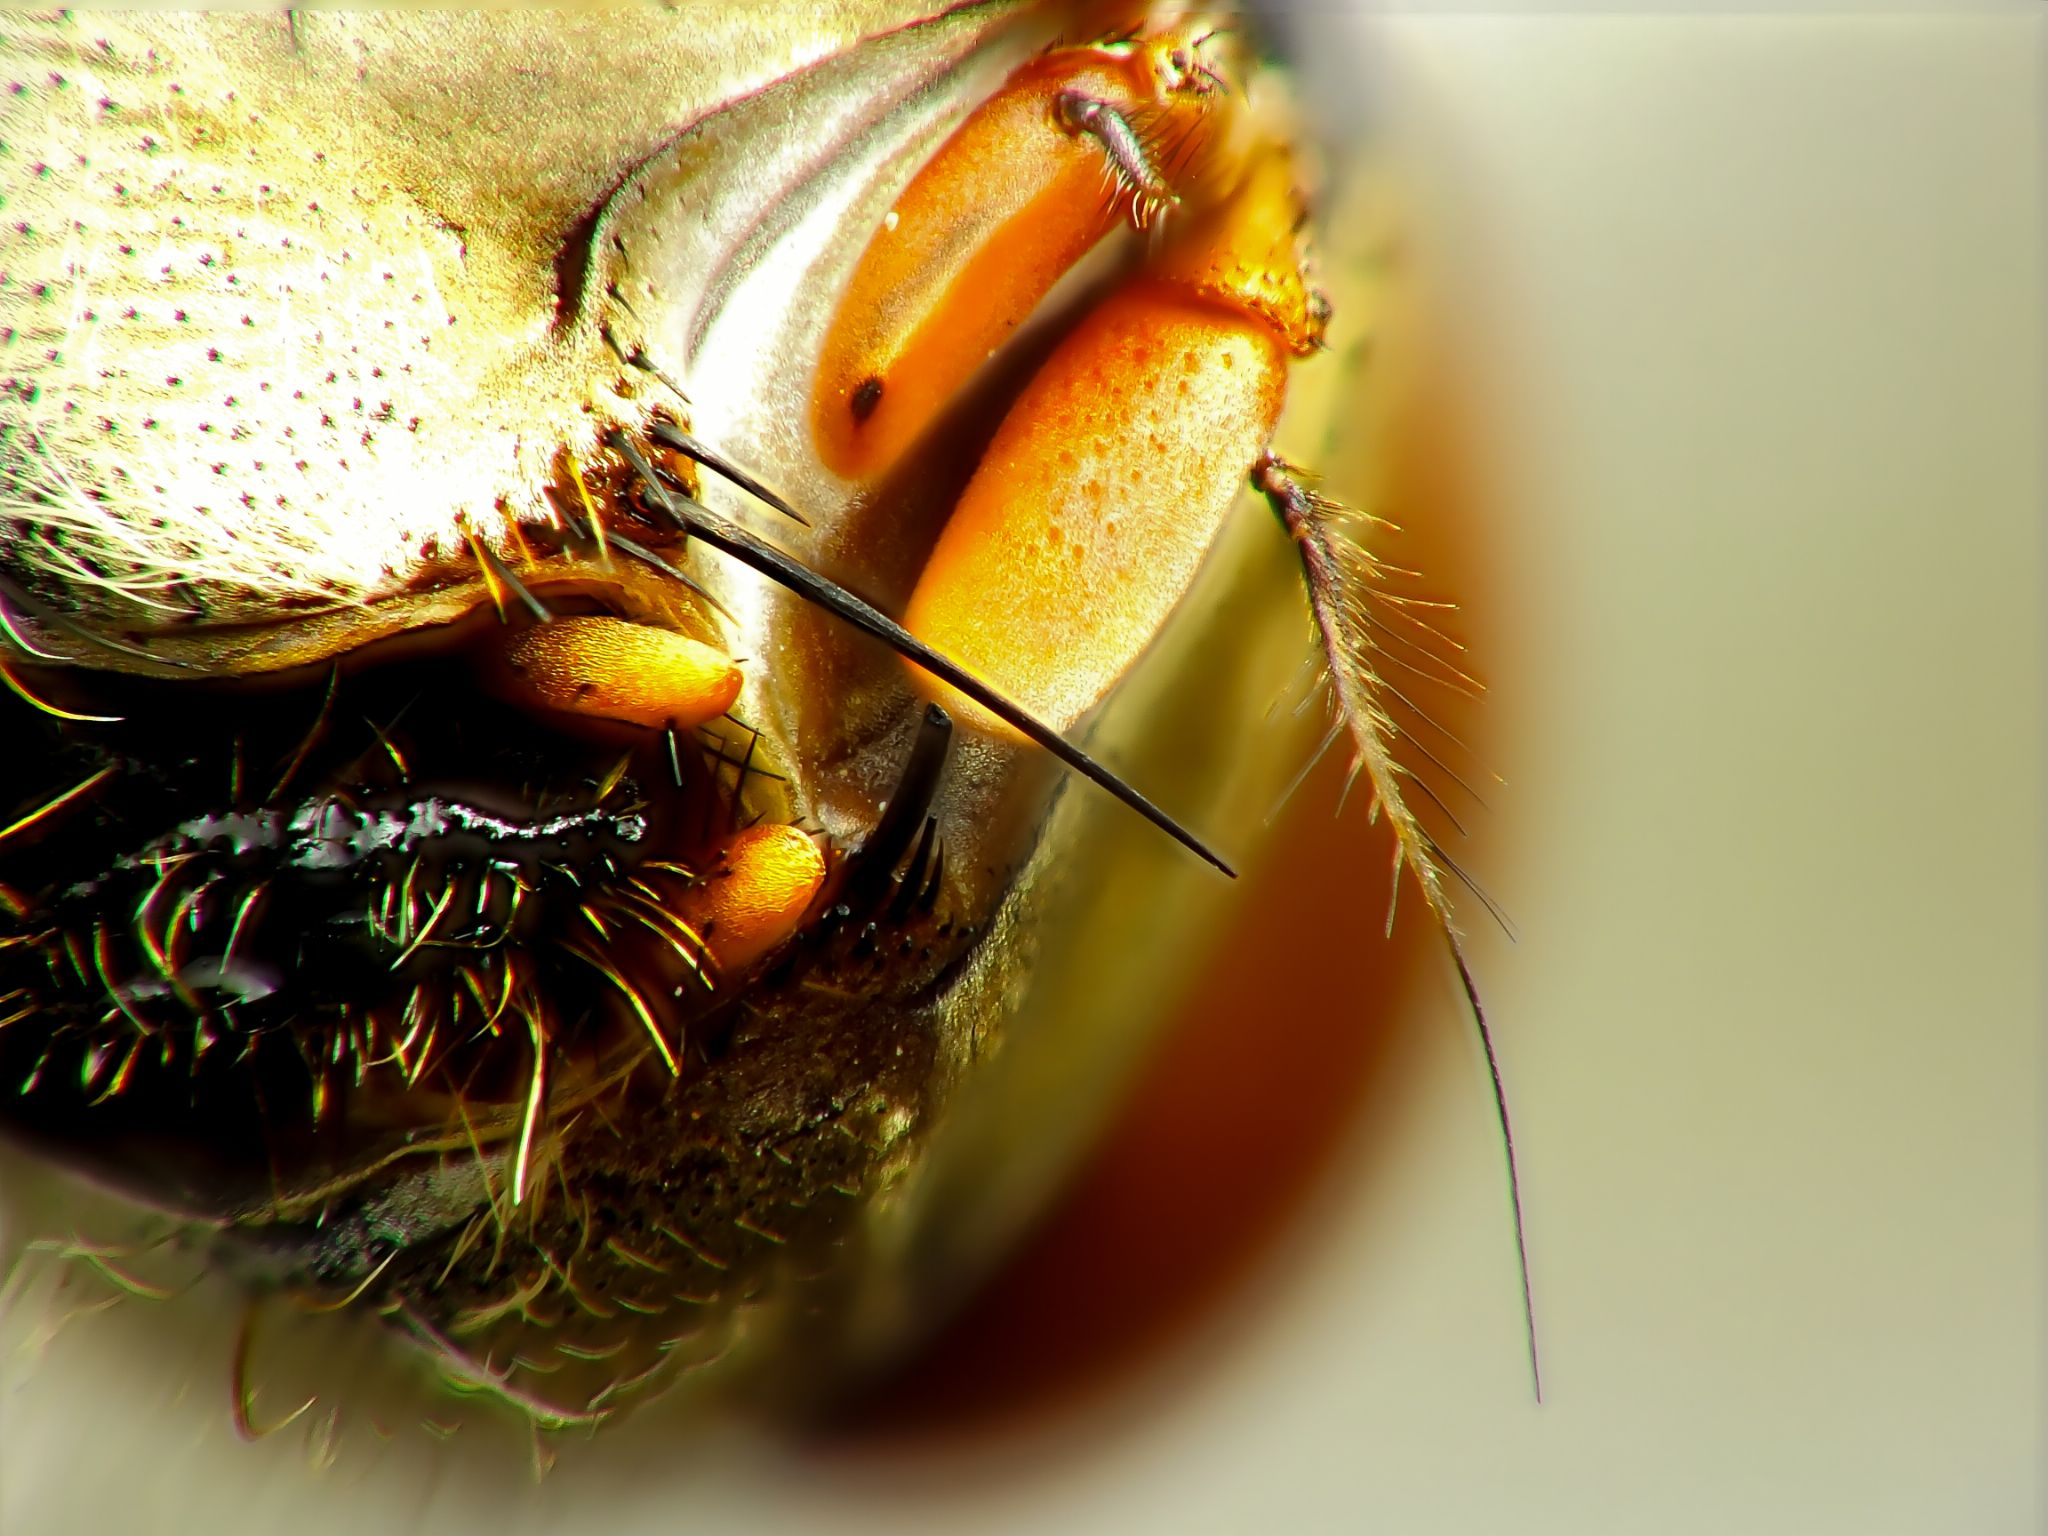 Fly, mosca doméstica by Rui Oliveira Santos